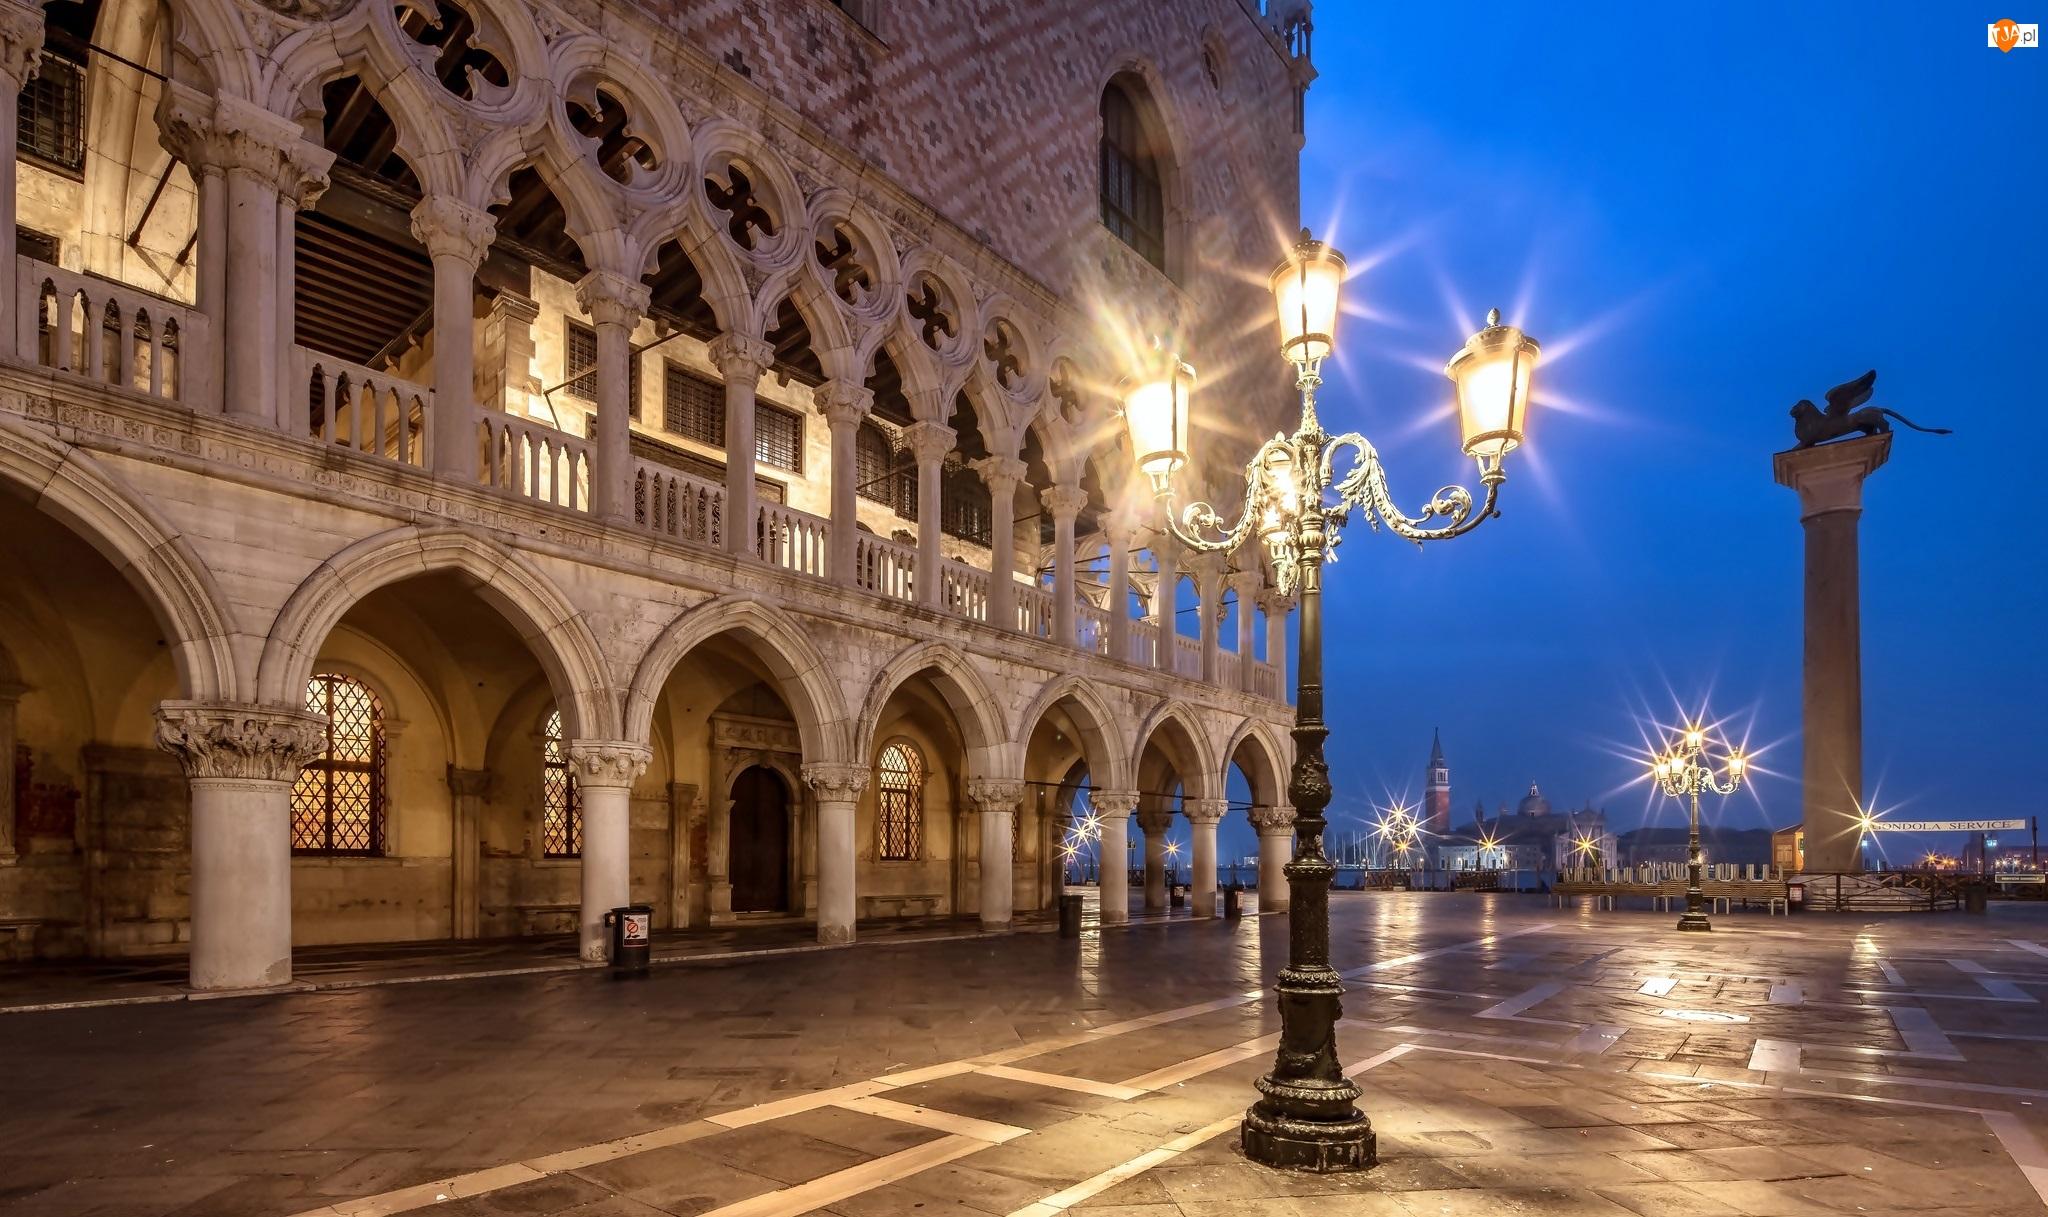 Kolumna św Marka, Pałac Dożów, Włochy, Latarnie, Wenecja, Piazzetta San Marco